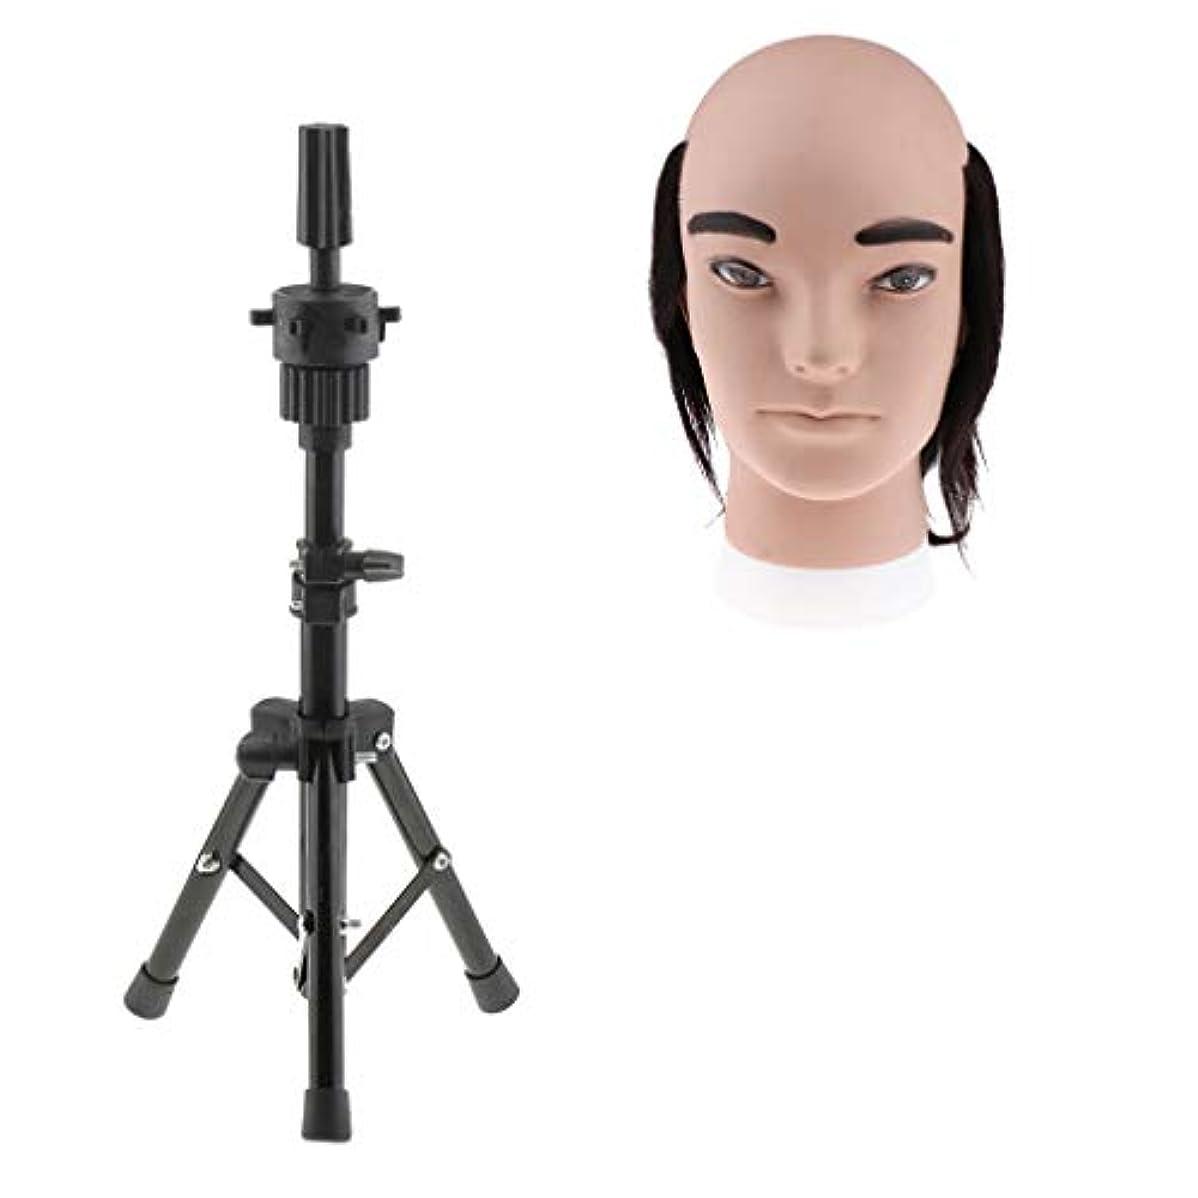 素晴らしさインシデント知覚できるCUTICATE 人間の髪毛 男性 マネキン トレーニング マネキン美容人形 人形の頭付き三脚ホルダー